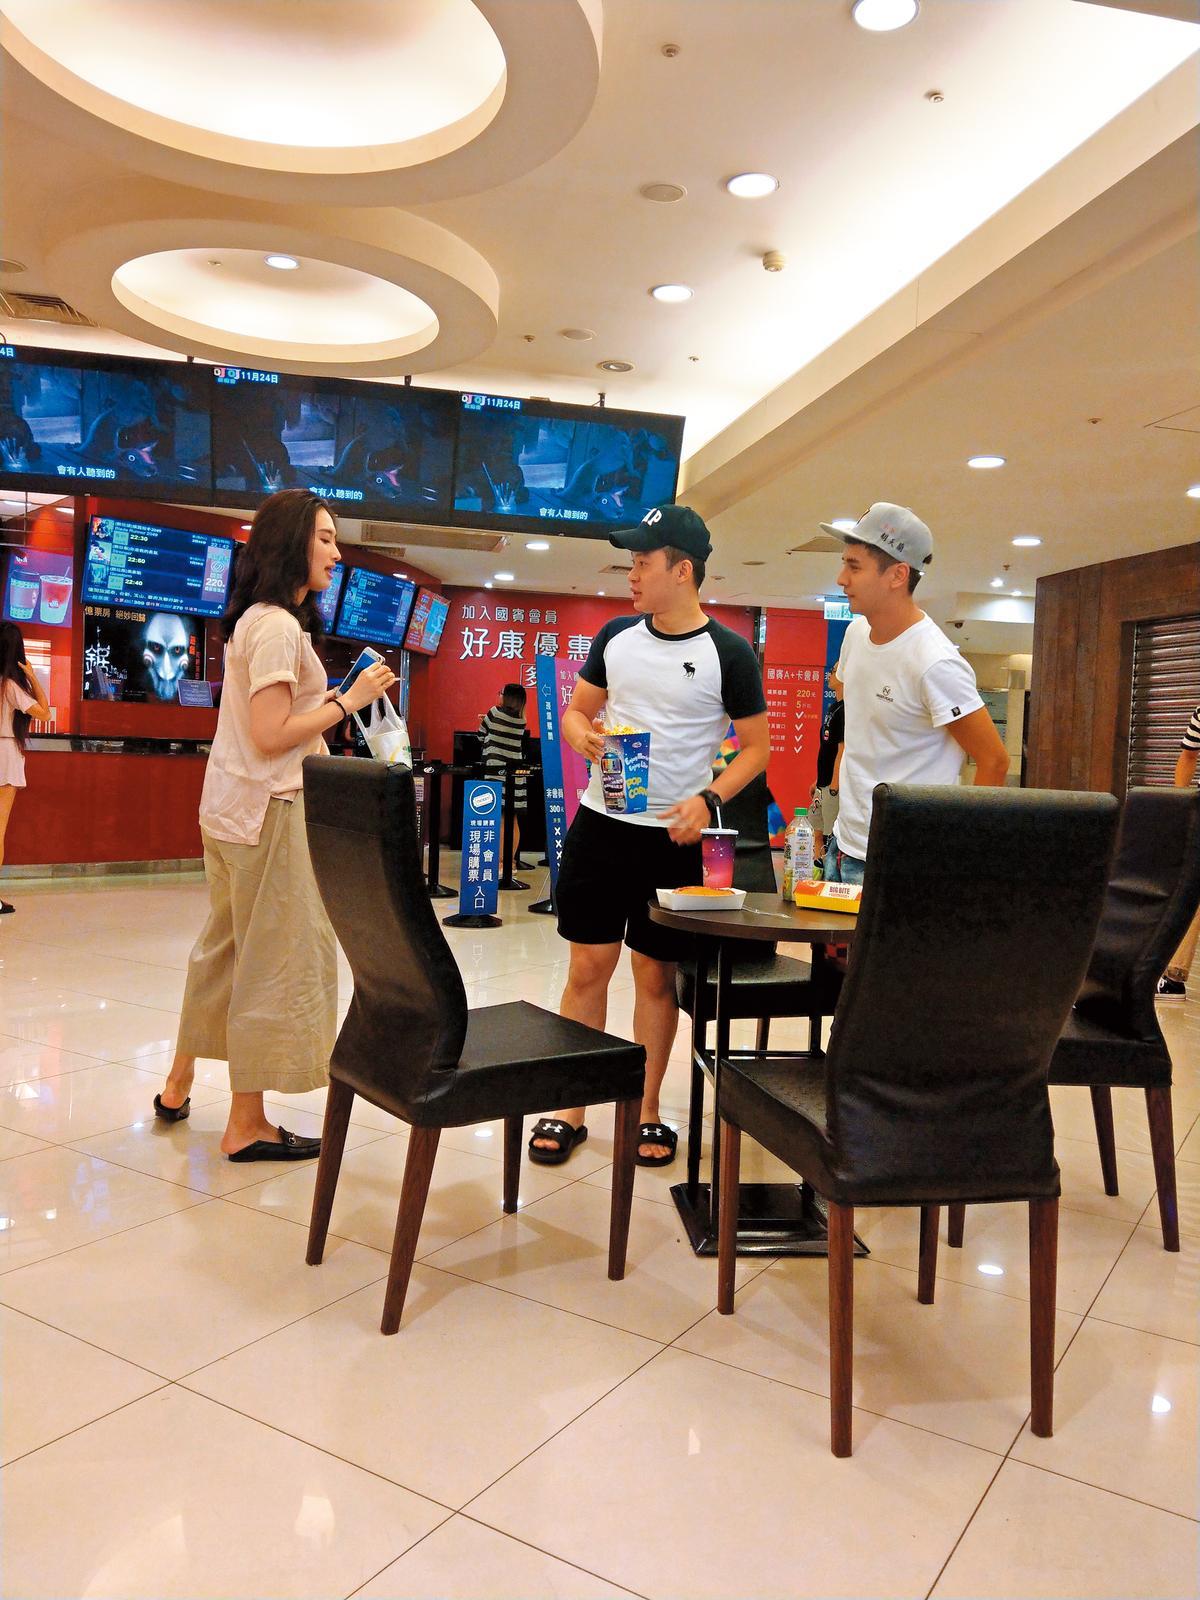 10月16日曾子余(右)又和穿拖鞋、寬褲的女友(左)現身國賓看電影,不過這次卻帶著電燈泡男性友人同行。